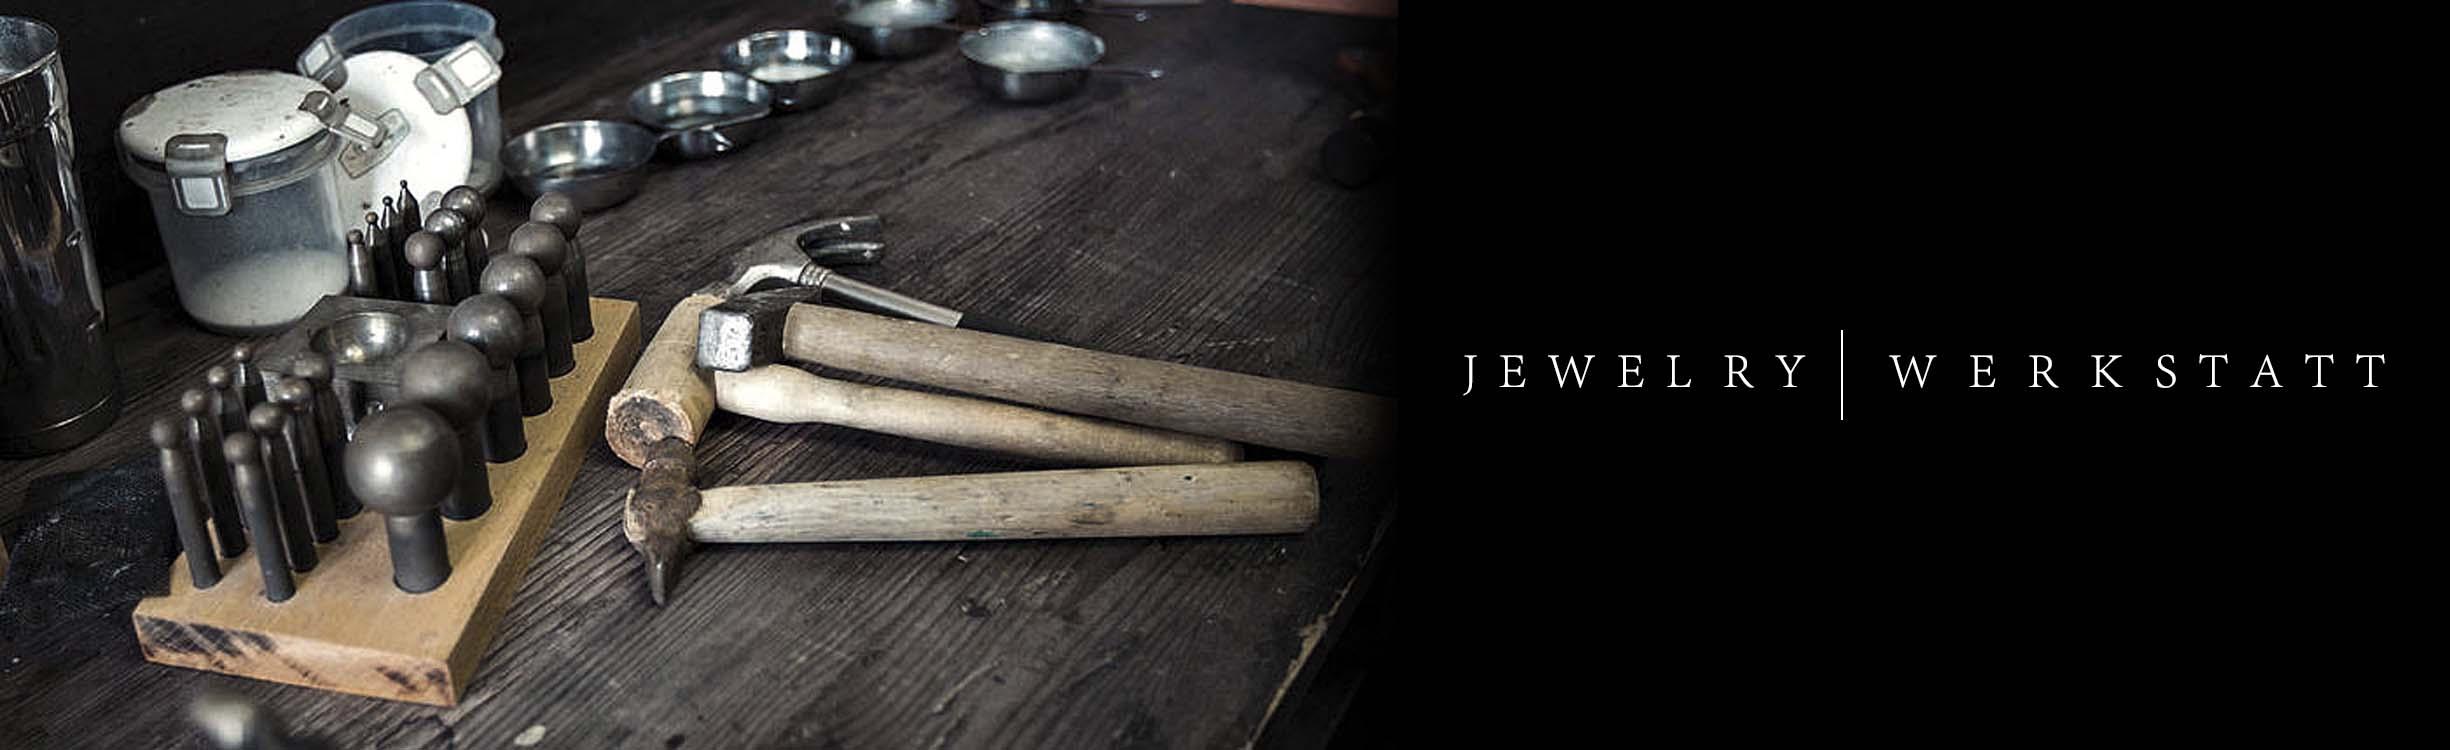 juwo1